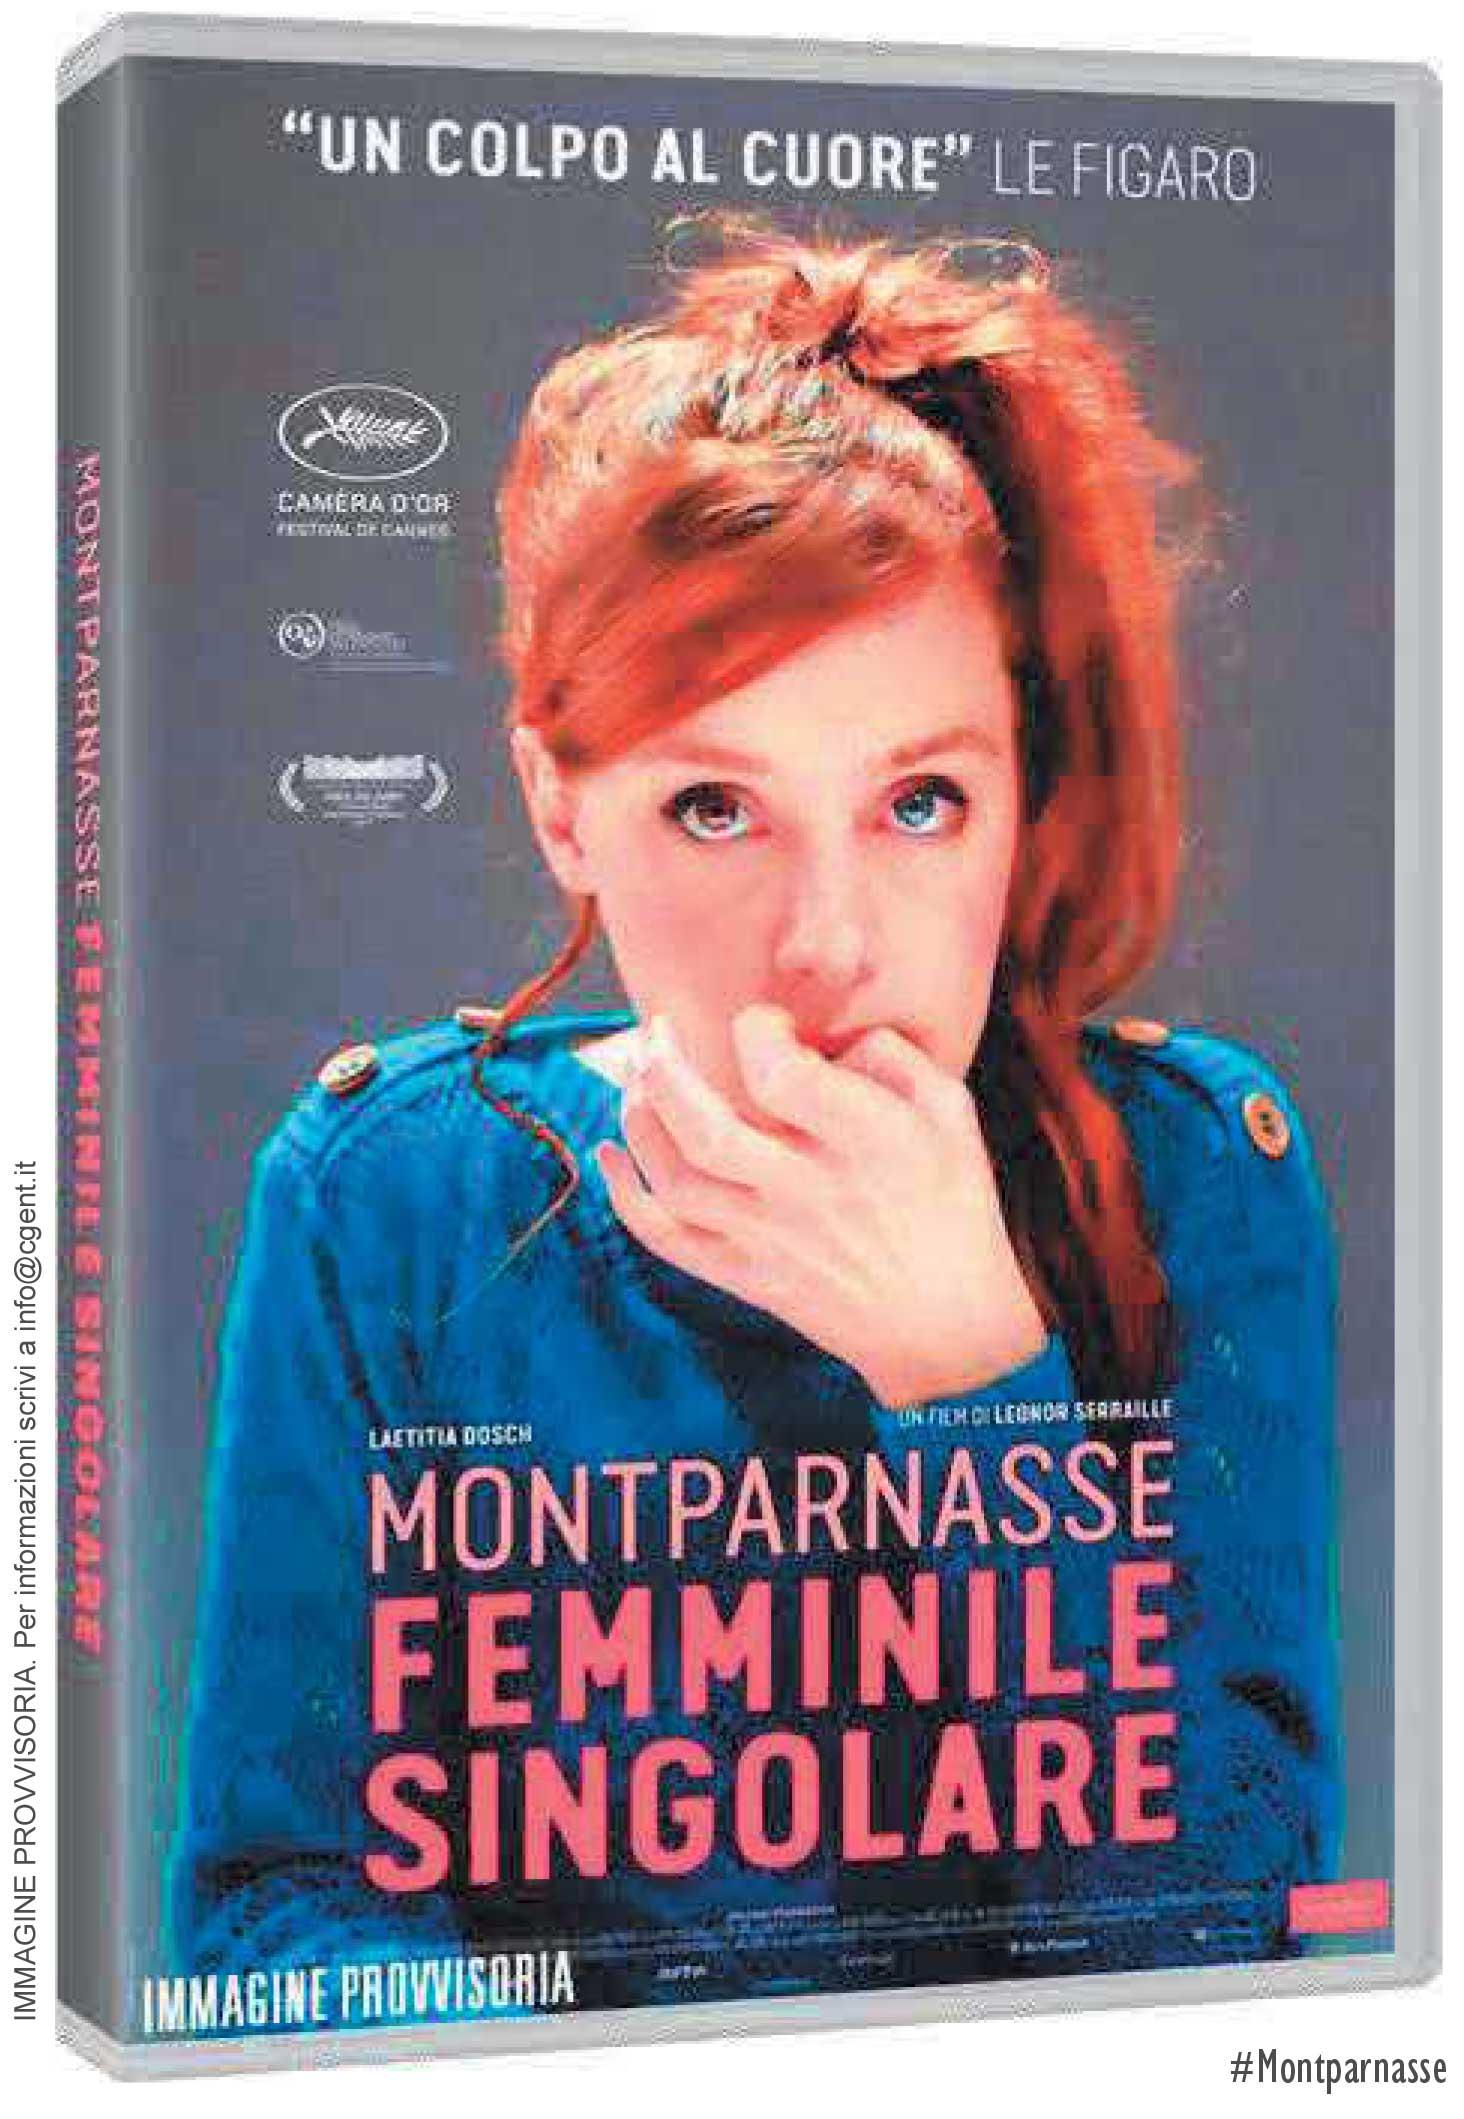 MONTPARNASSE FEMMINILE SINGOLARE (DVD)